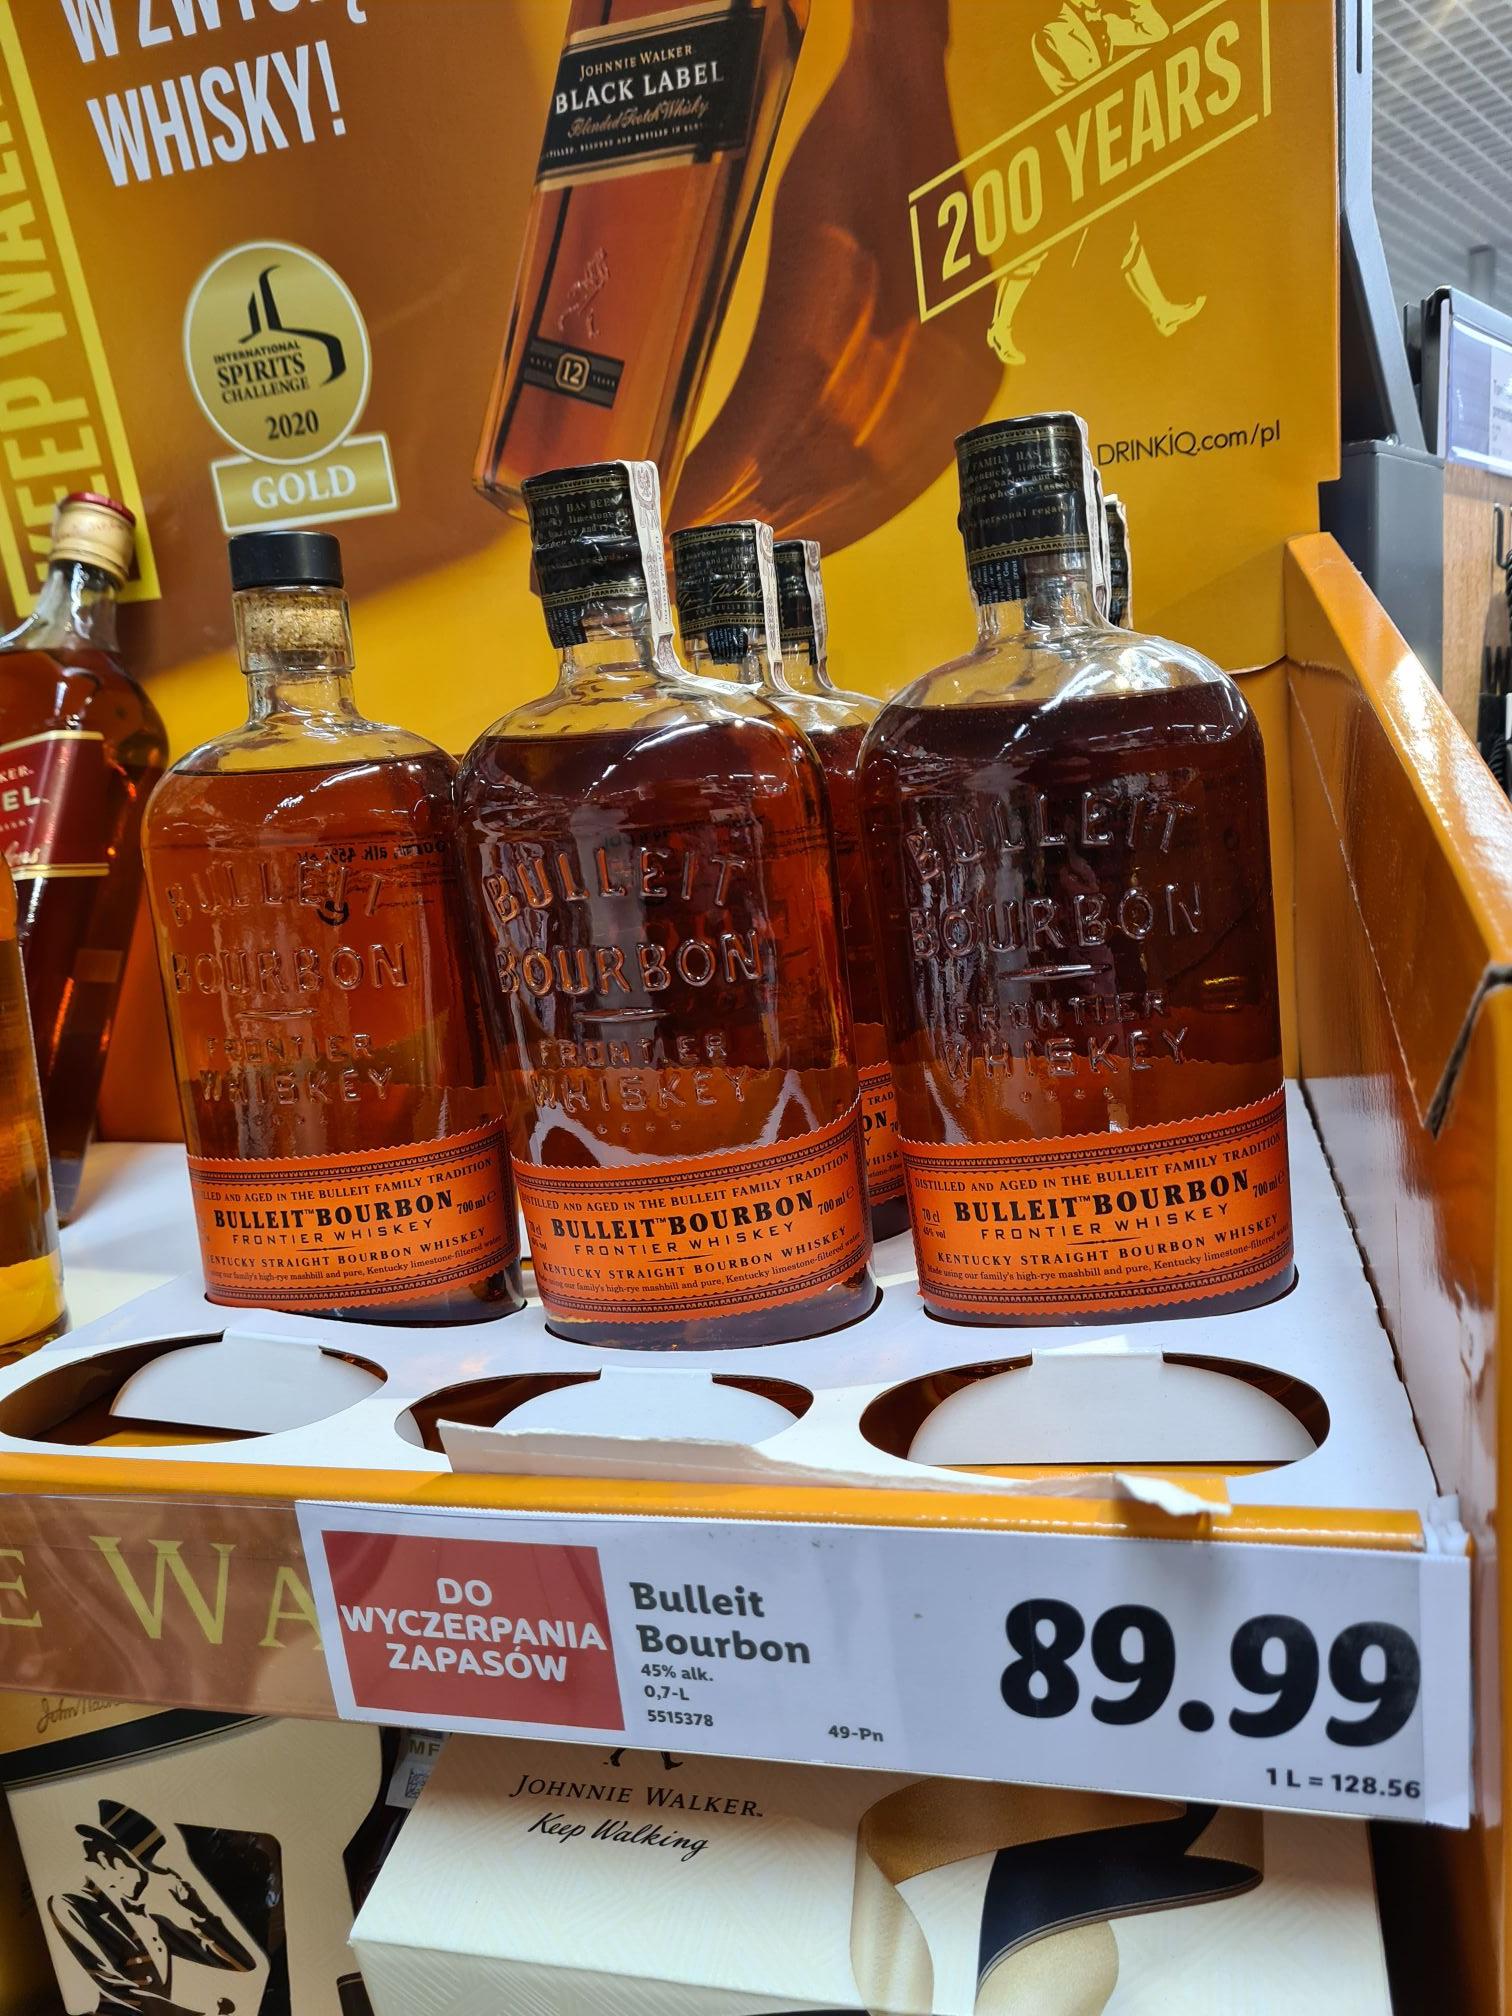 Bulleit Bourbon Szczecin Lidl do wyczerpania zapasów